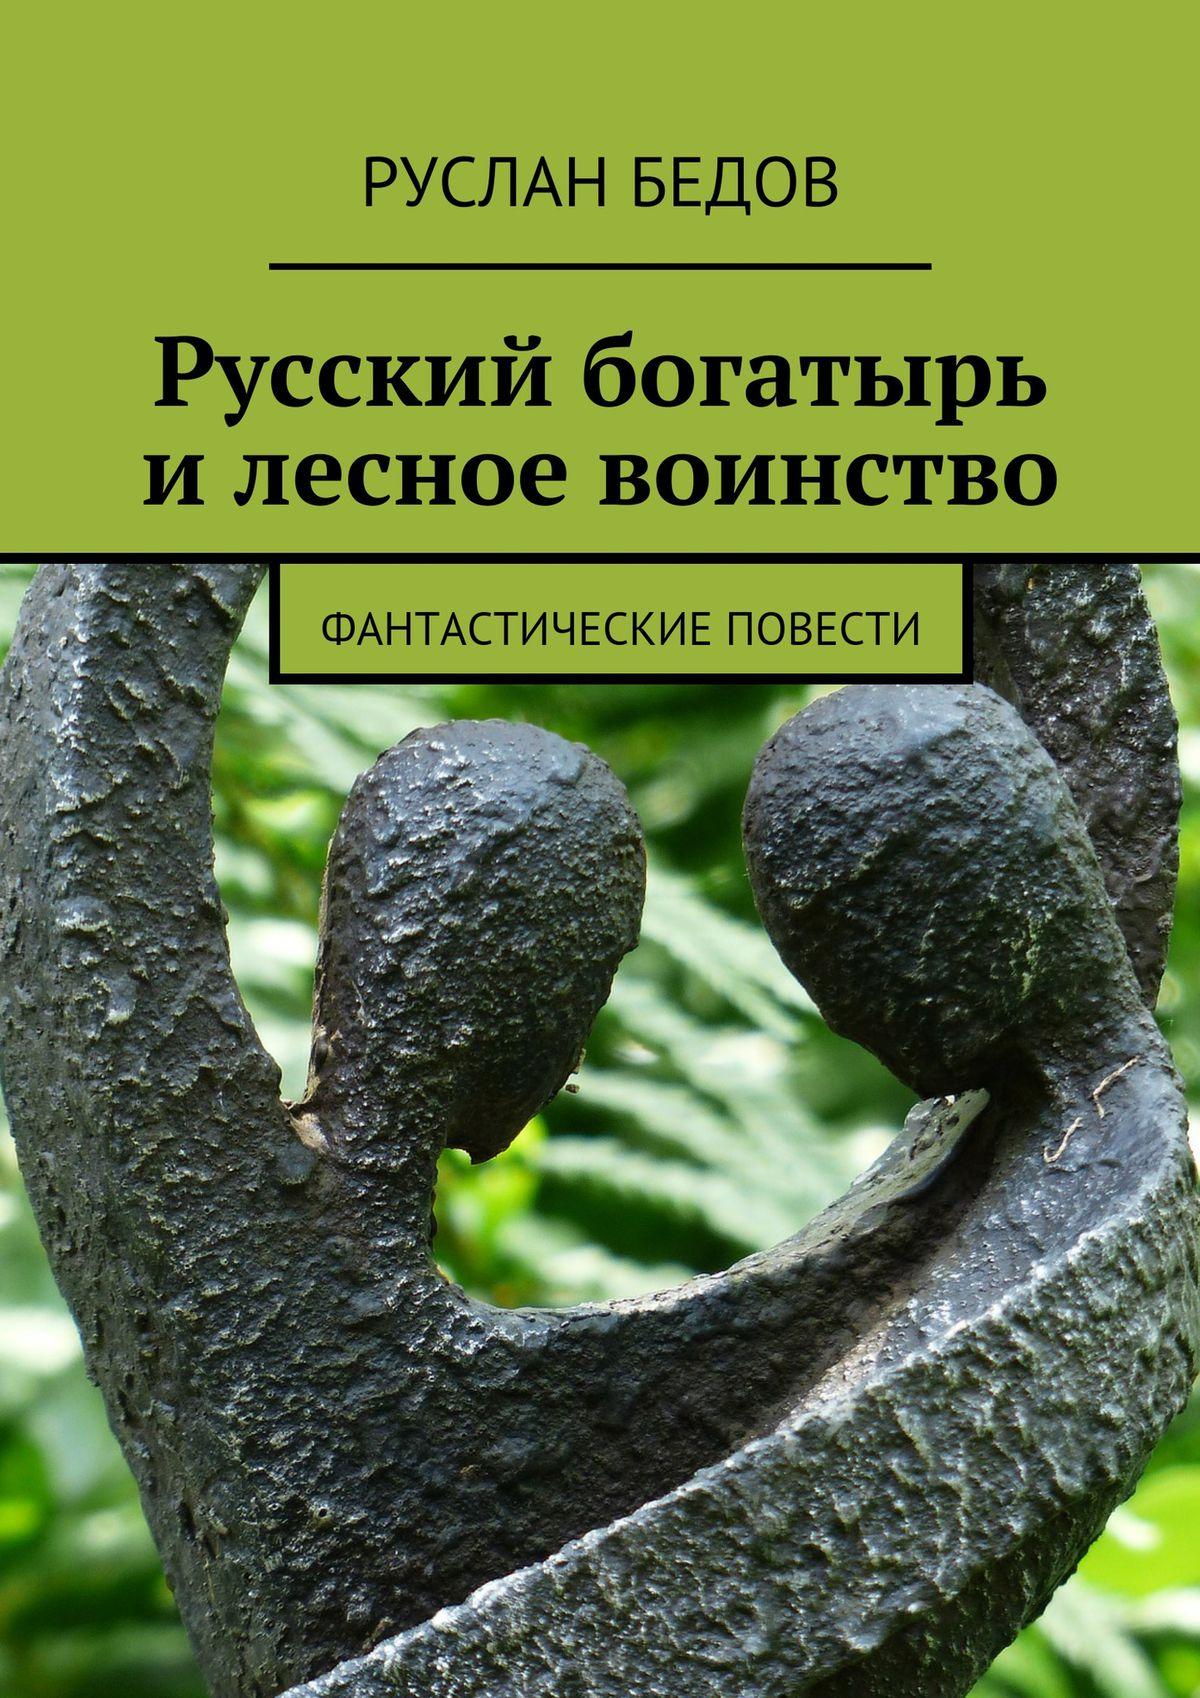 Руслан Бедов Русский богатырь илесное воинство руслан бедов хранитель бездны фантастическая повесть